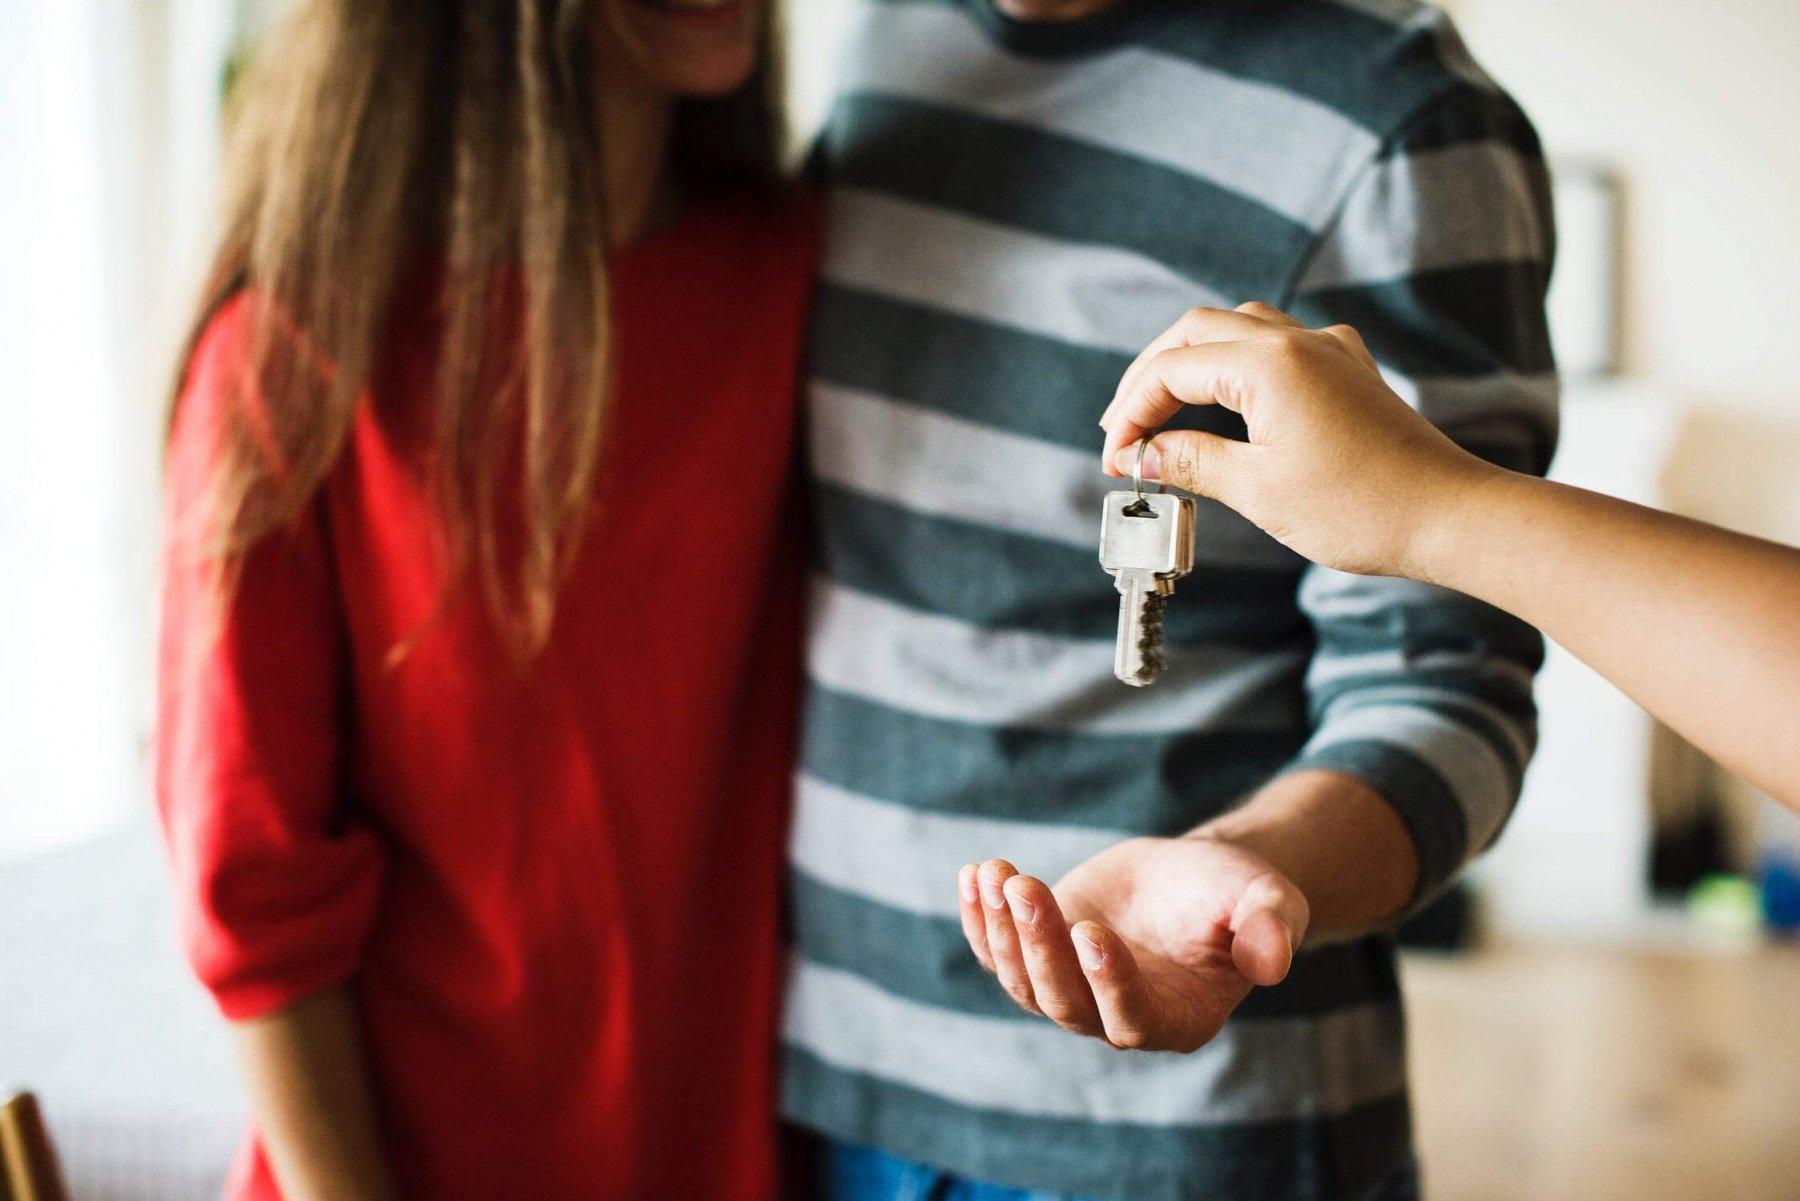 En kvinna i rödtröja och en man i randig tröja tar emot en nyckelknippa